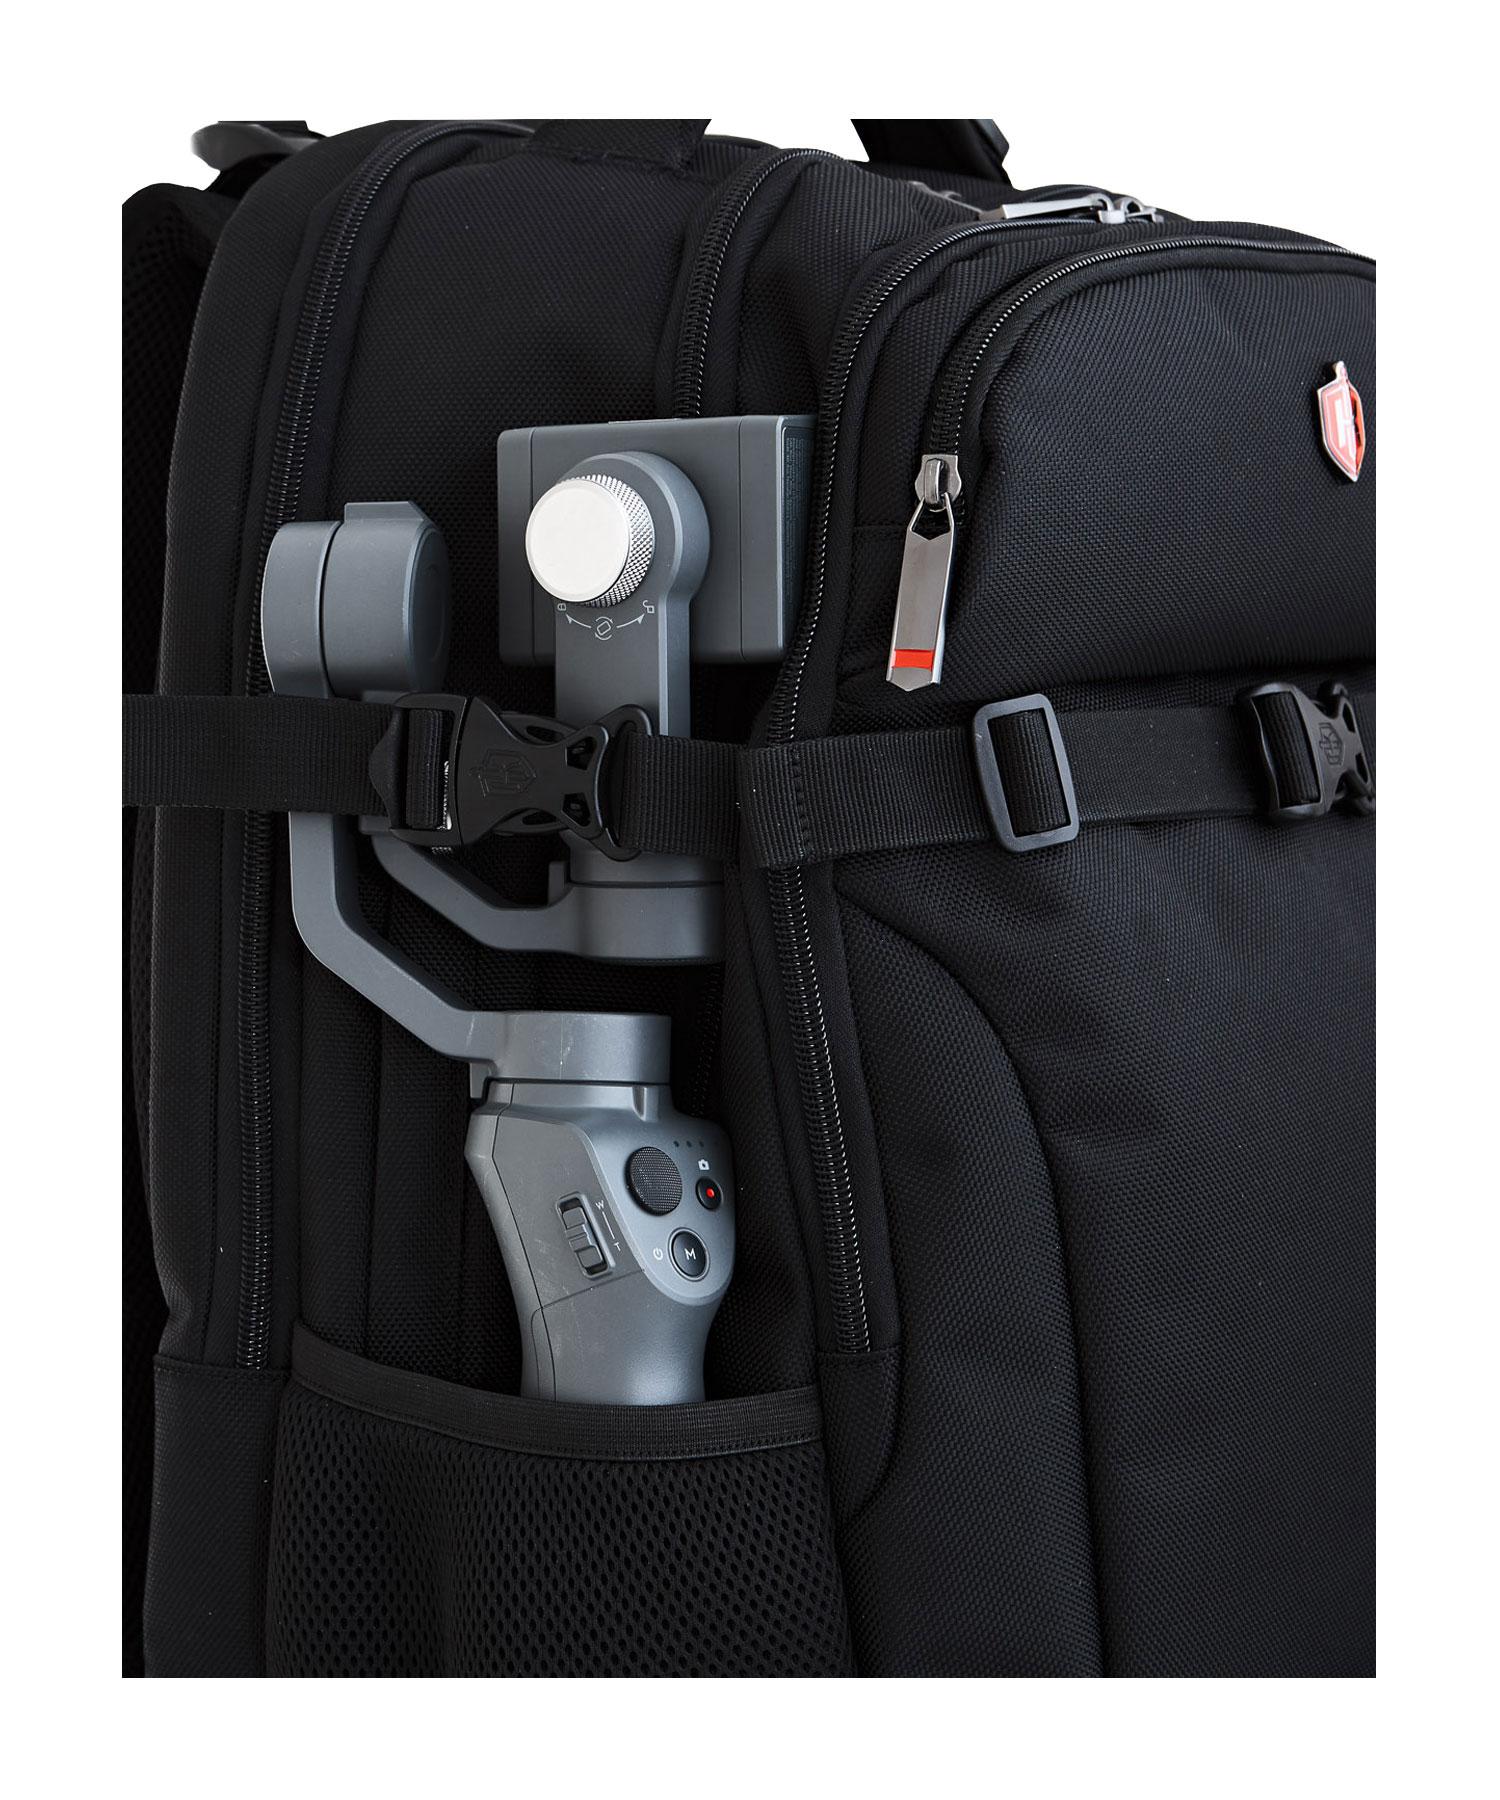 camera holder in a backpack pocket